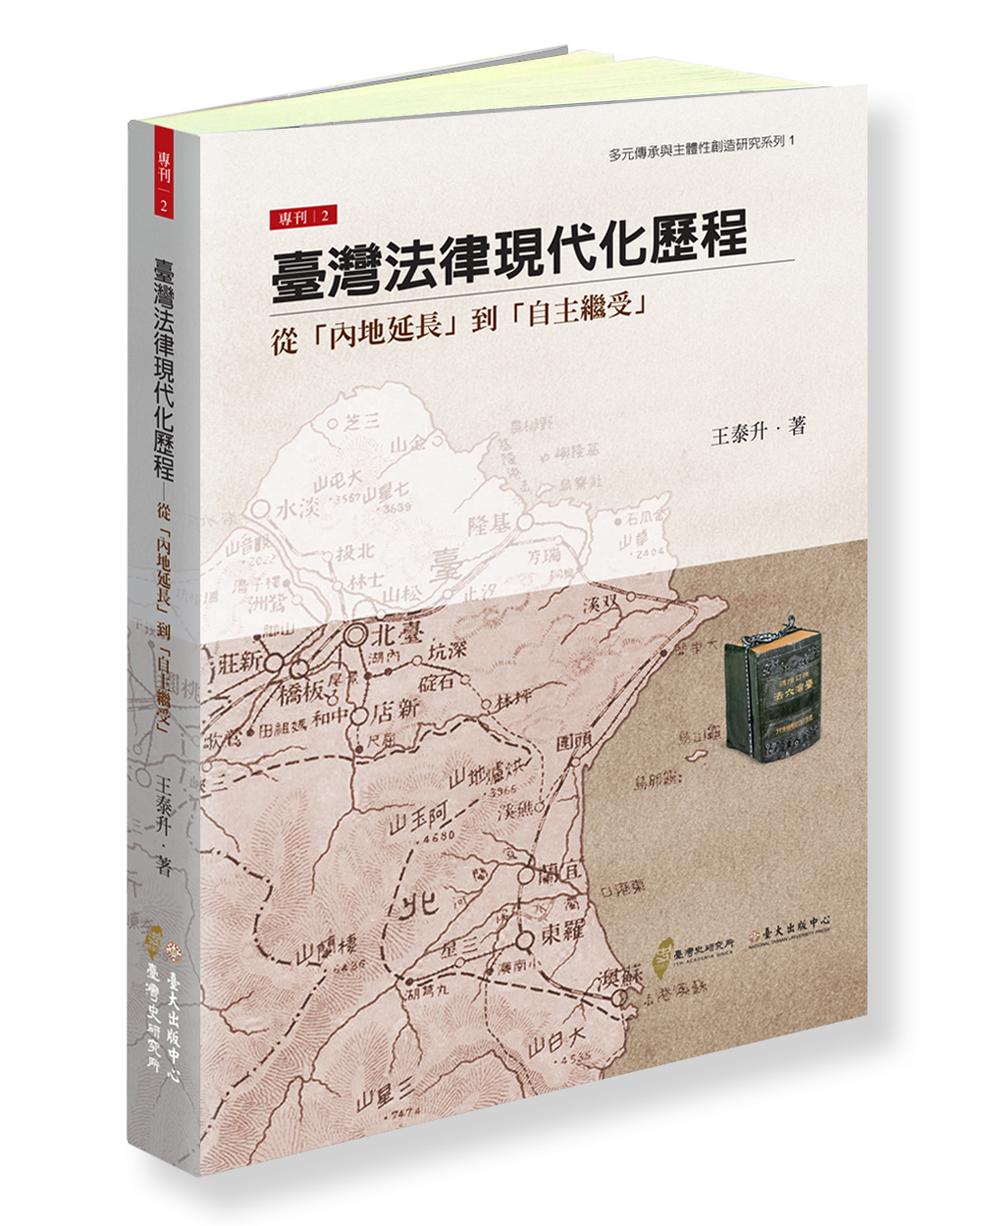 臺灣法律現代化歷程──從「內地延長」到「自主繼受」